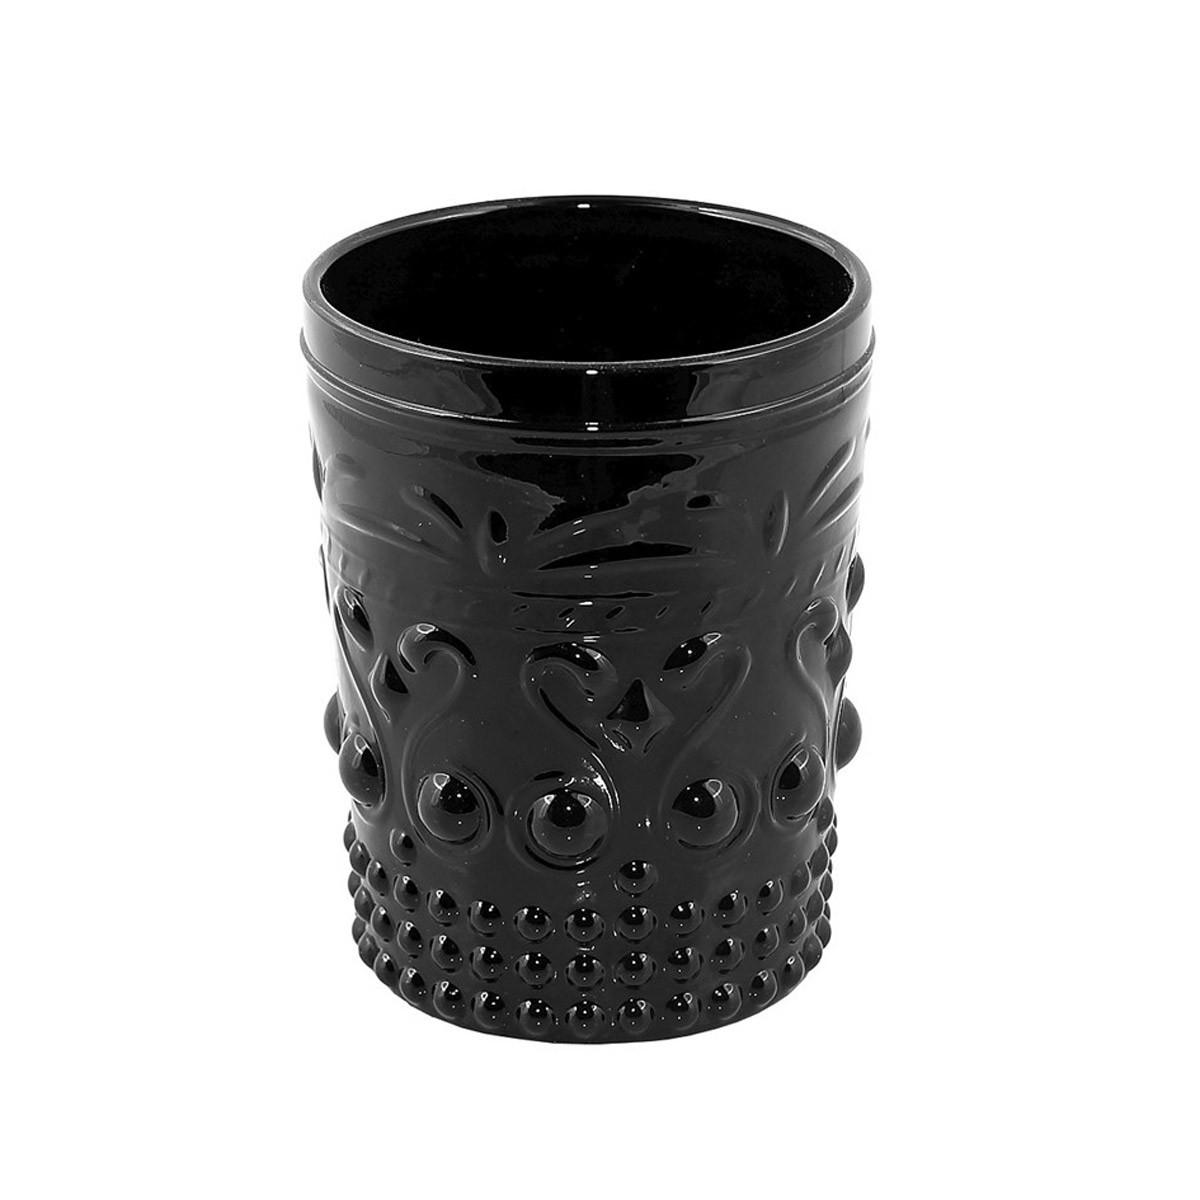 Ποτήρια Ουίσκι (Σετ 6τμχ) Espiel Embossed Black HOC1007